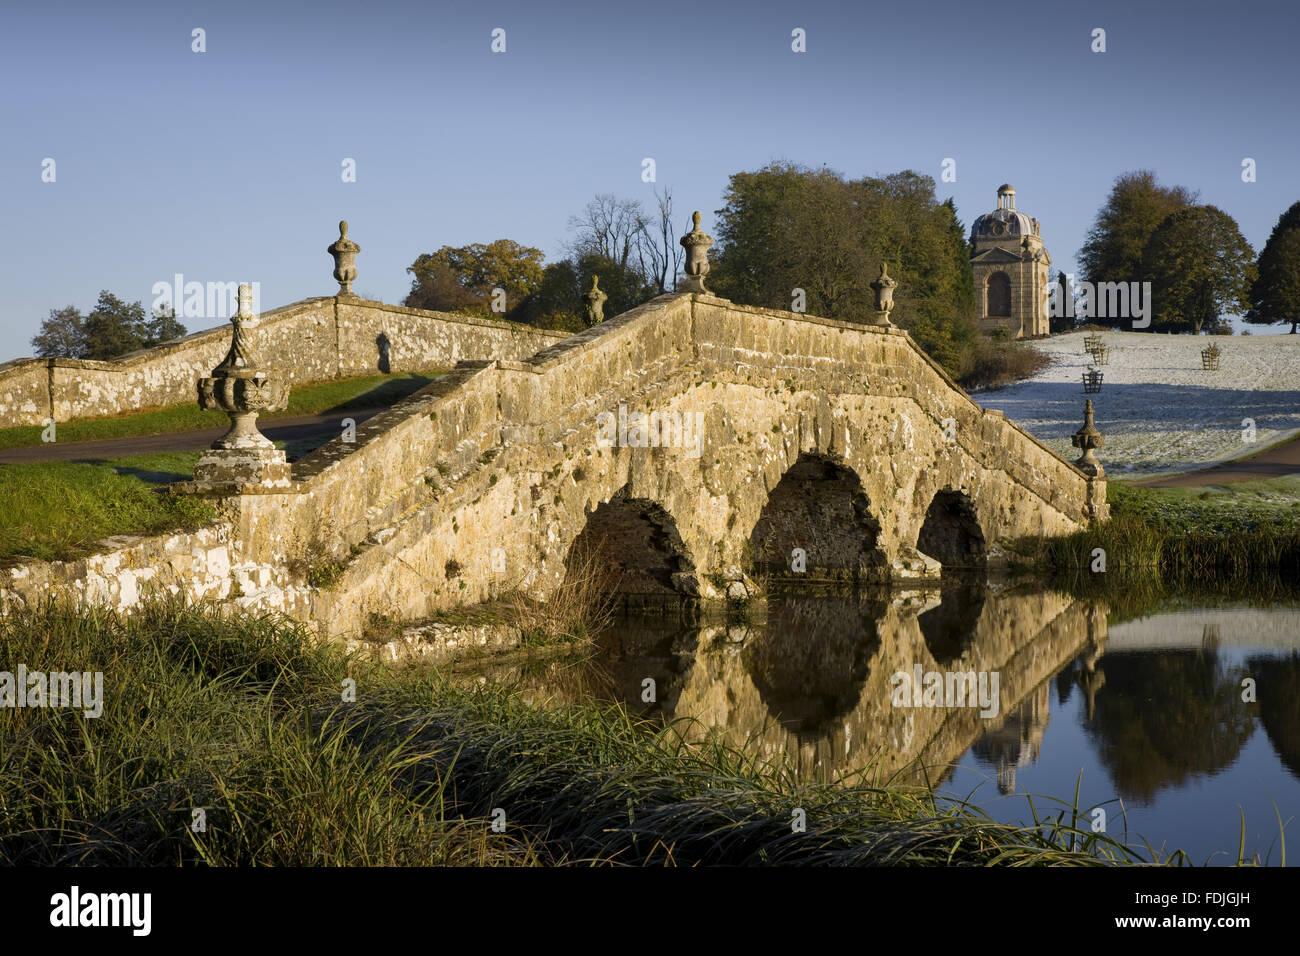 Die Oxford-Brücke mit Urnen und rustikales Mauerwerk an einem frostigen Tag in Stowe Landscape Gardens, Buckinghamshire. Stockbild